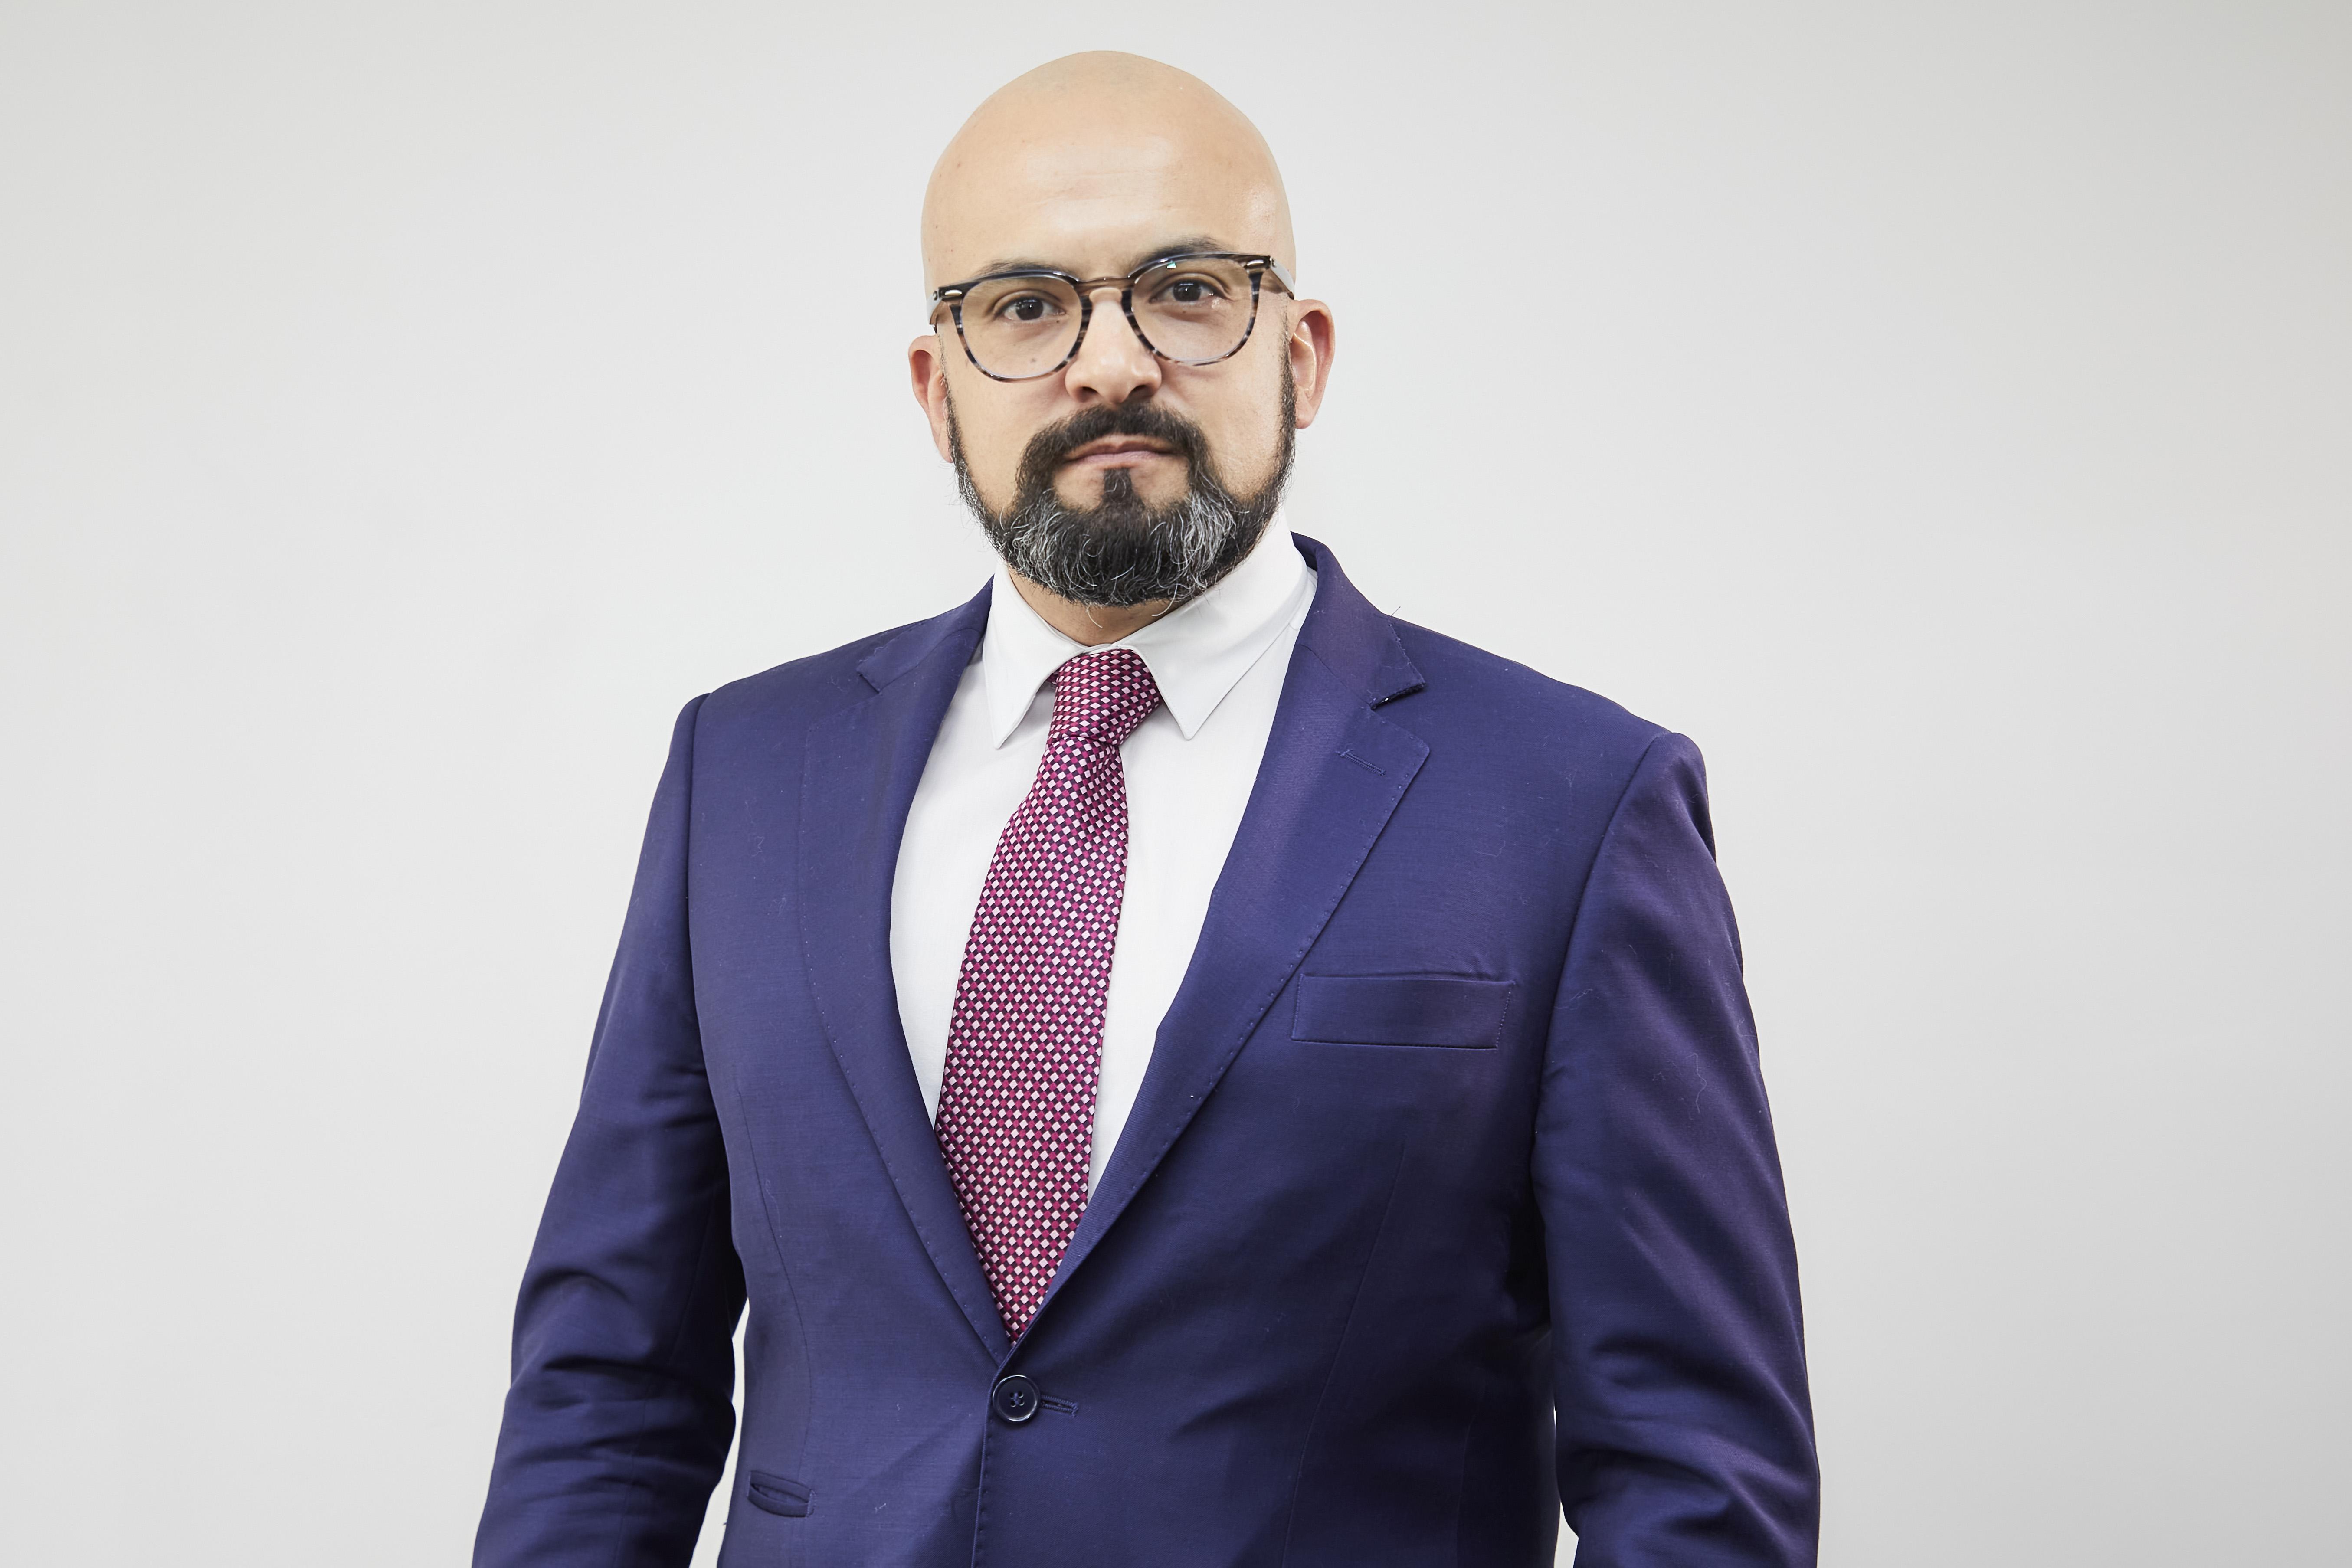 Fabio Alberto González Flórez